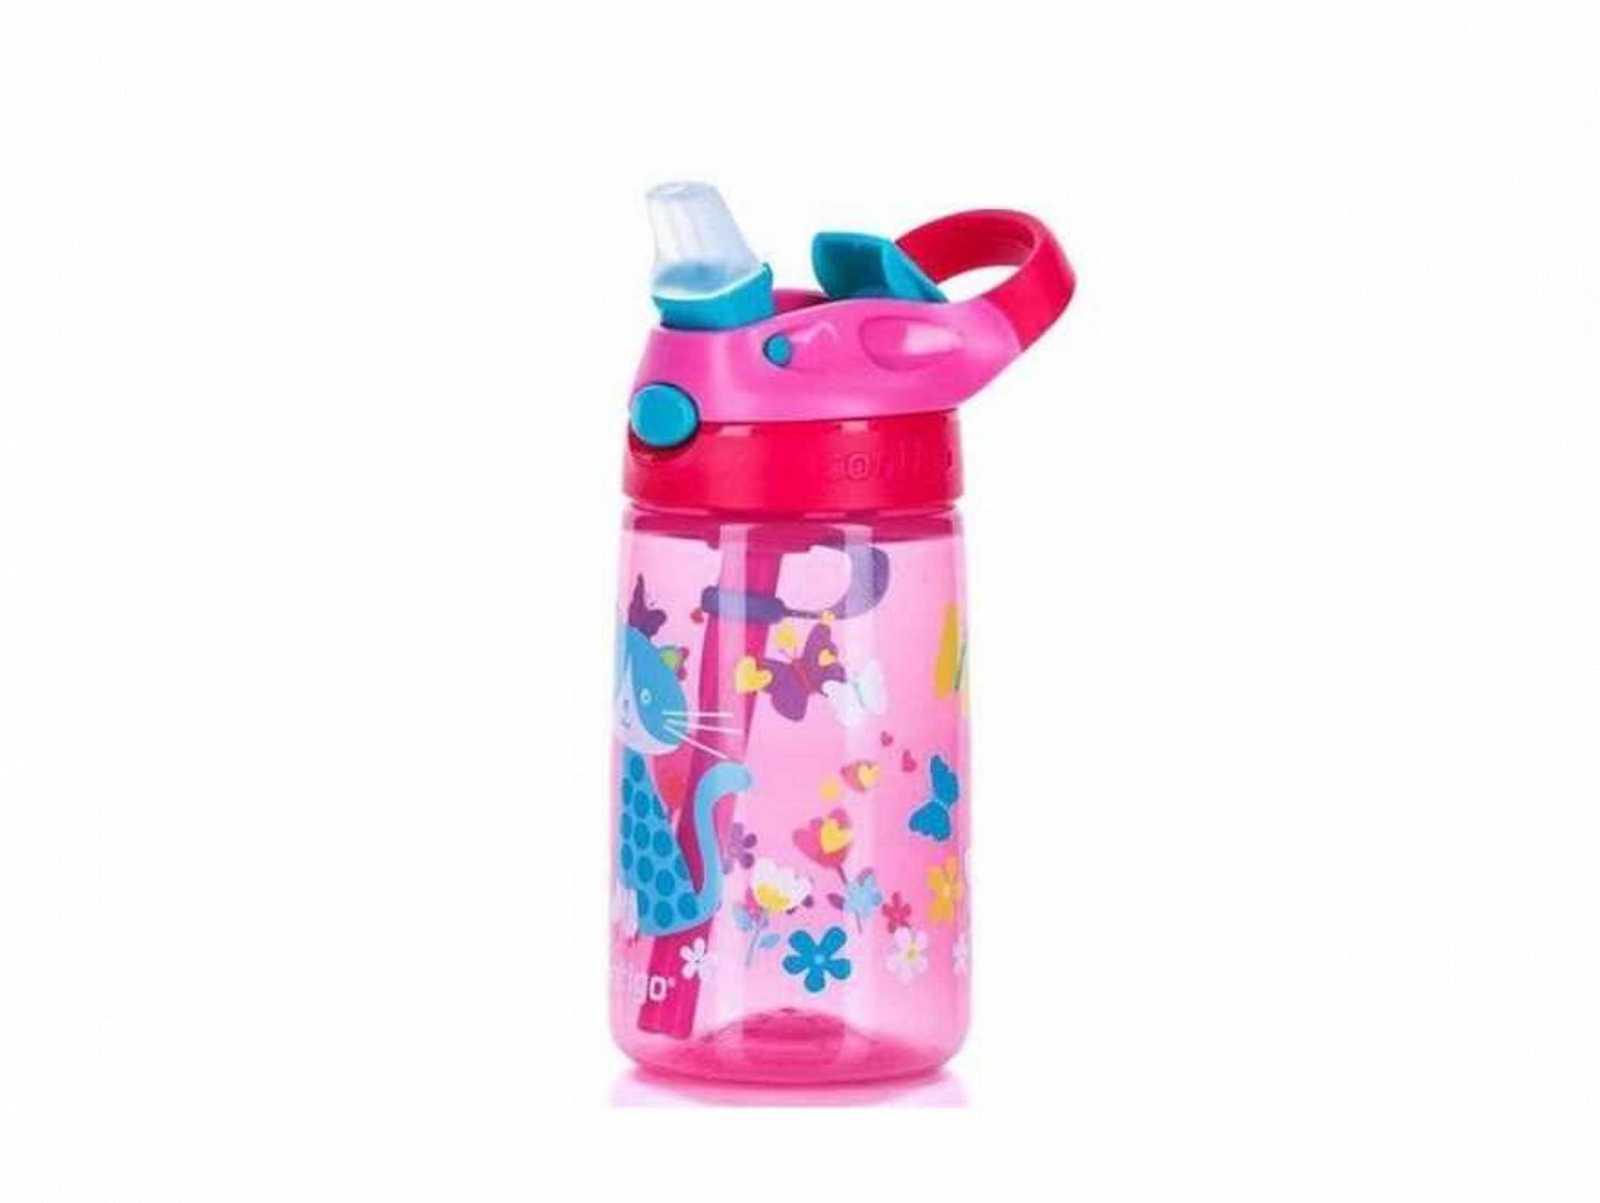 Онлайн каталог PROMENU: Бутылка детская Contigo GIZMO FLIP, объем 0,42 л, розовый                               2094996